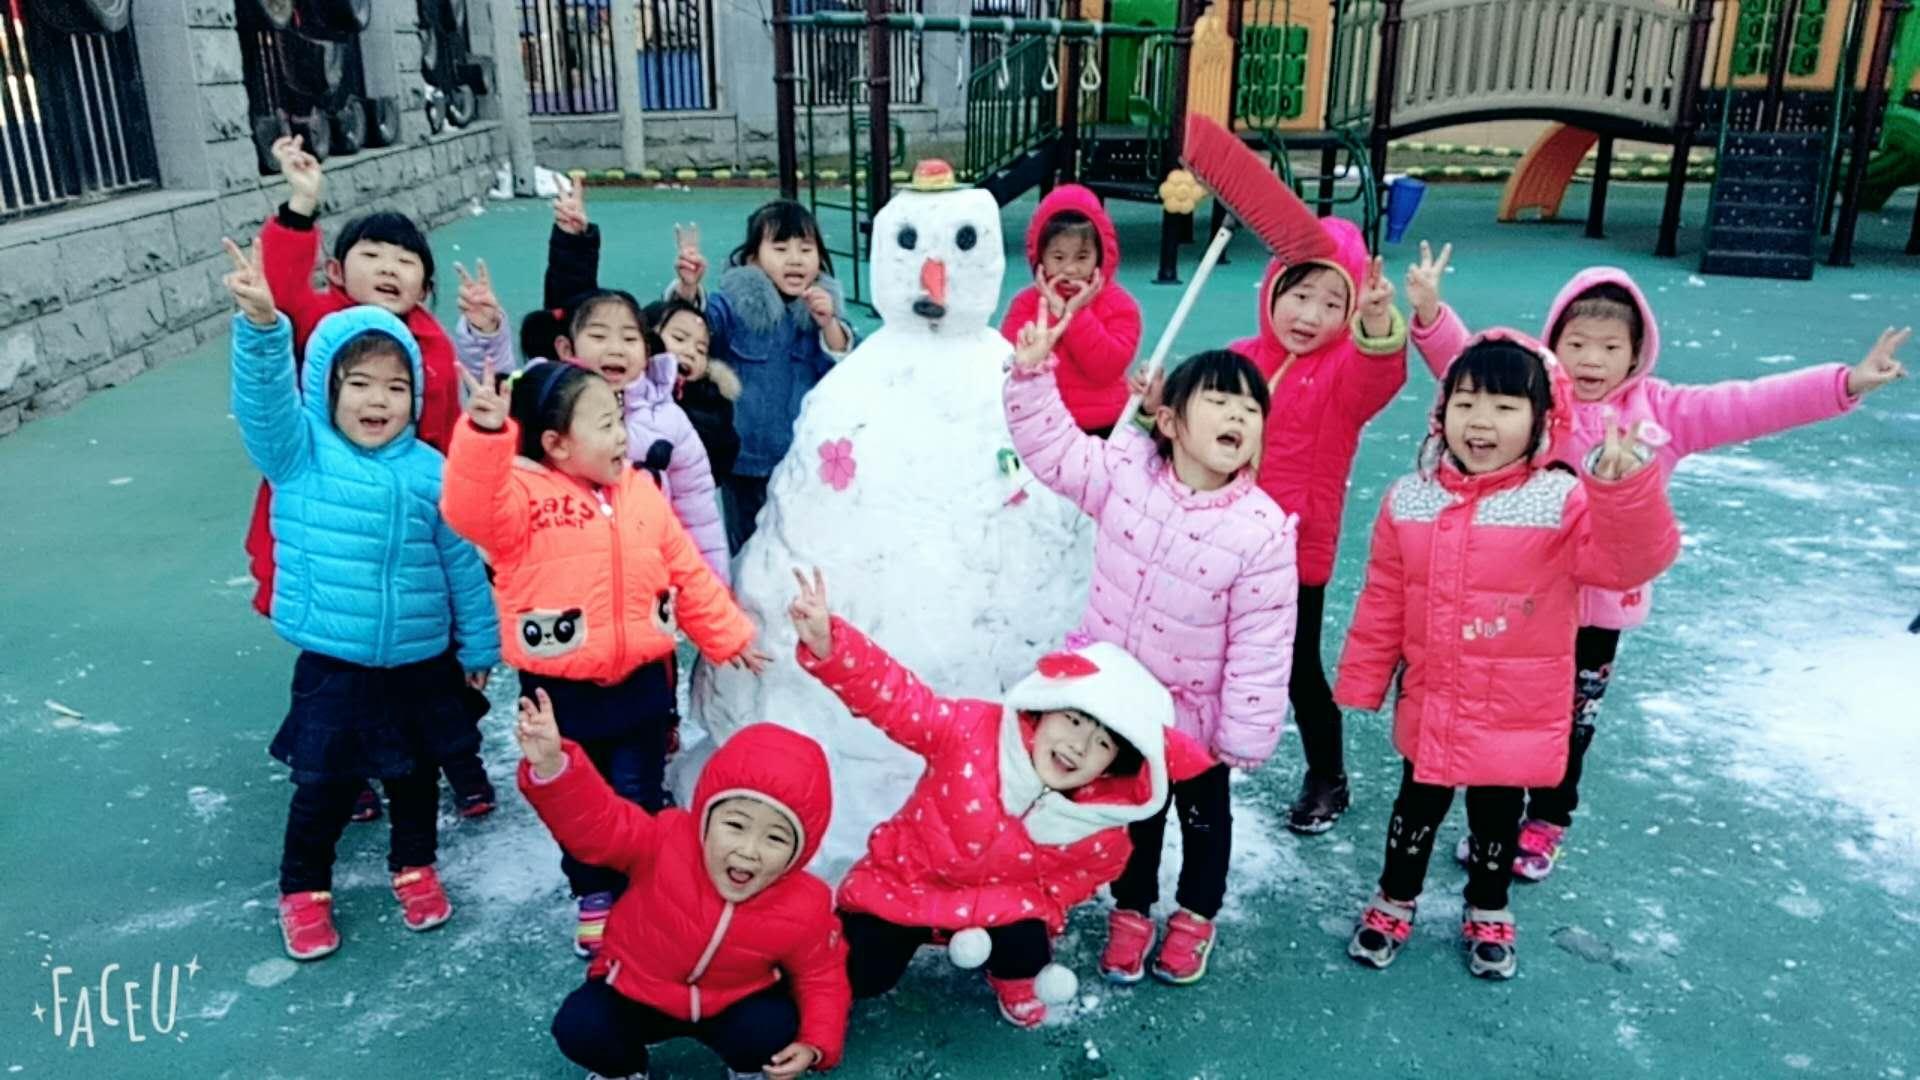 廊坊市安次区第二实验幼儿园照片2